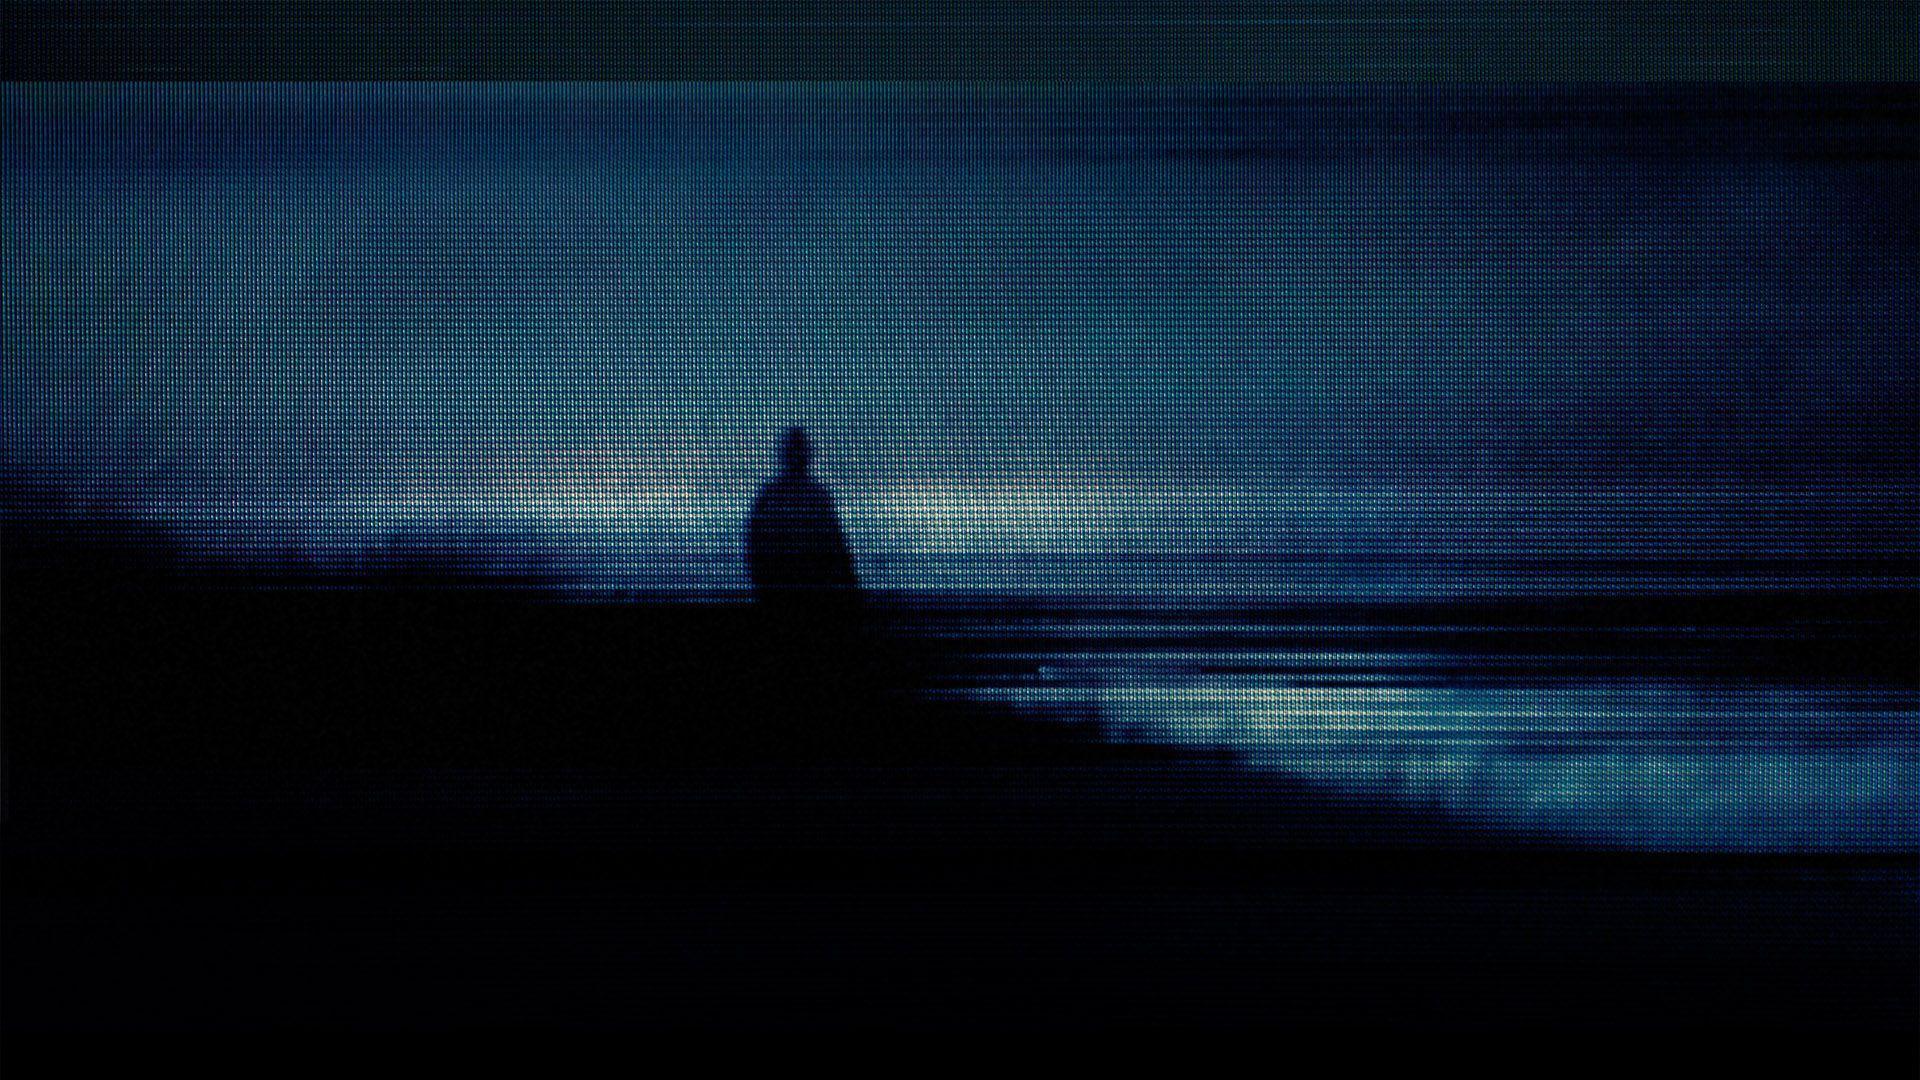 Dark Blue Aesthetic Desktop Wallpapers Top Free Dark Blue Aesthetic Desktop Backgrounds Wallpaperaccess